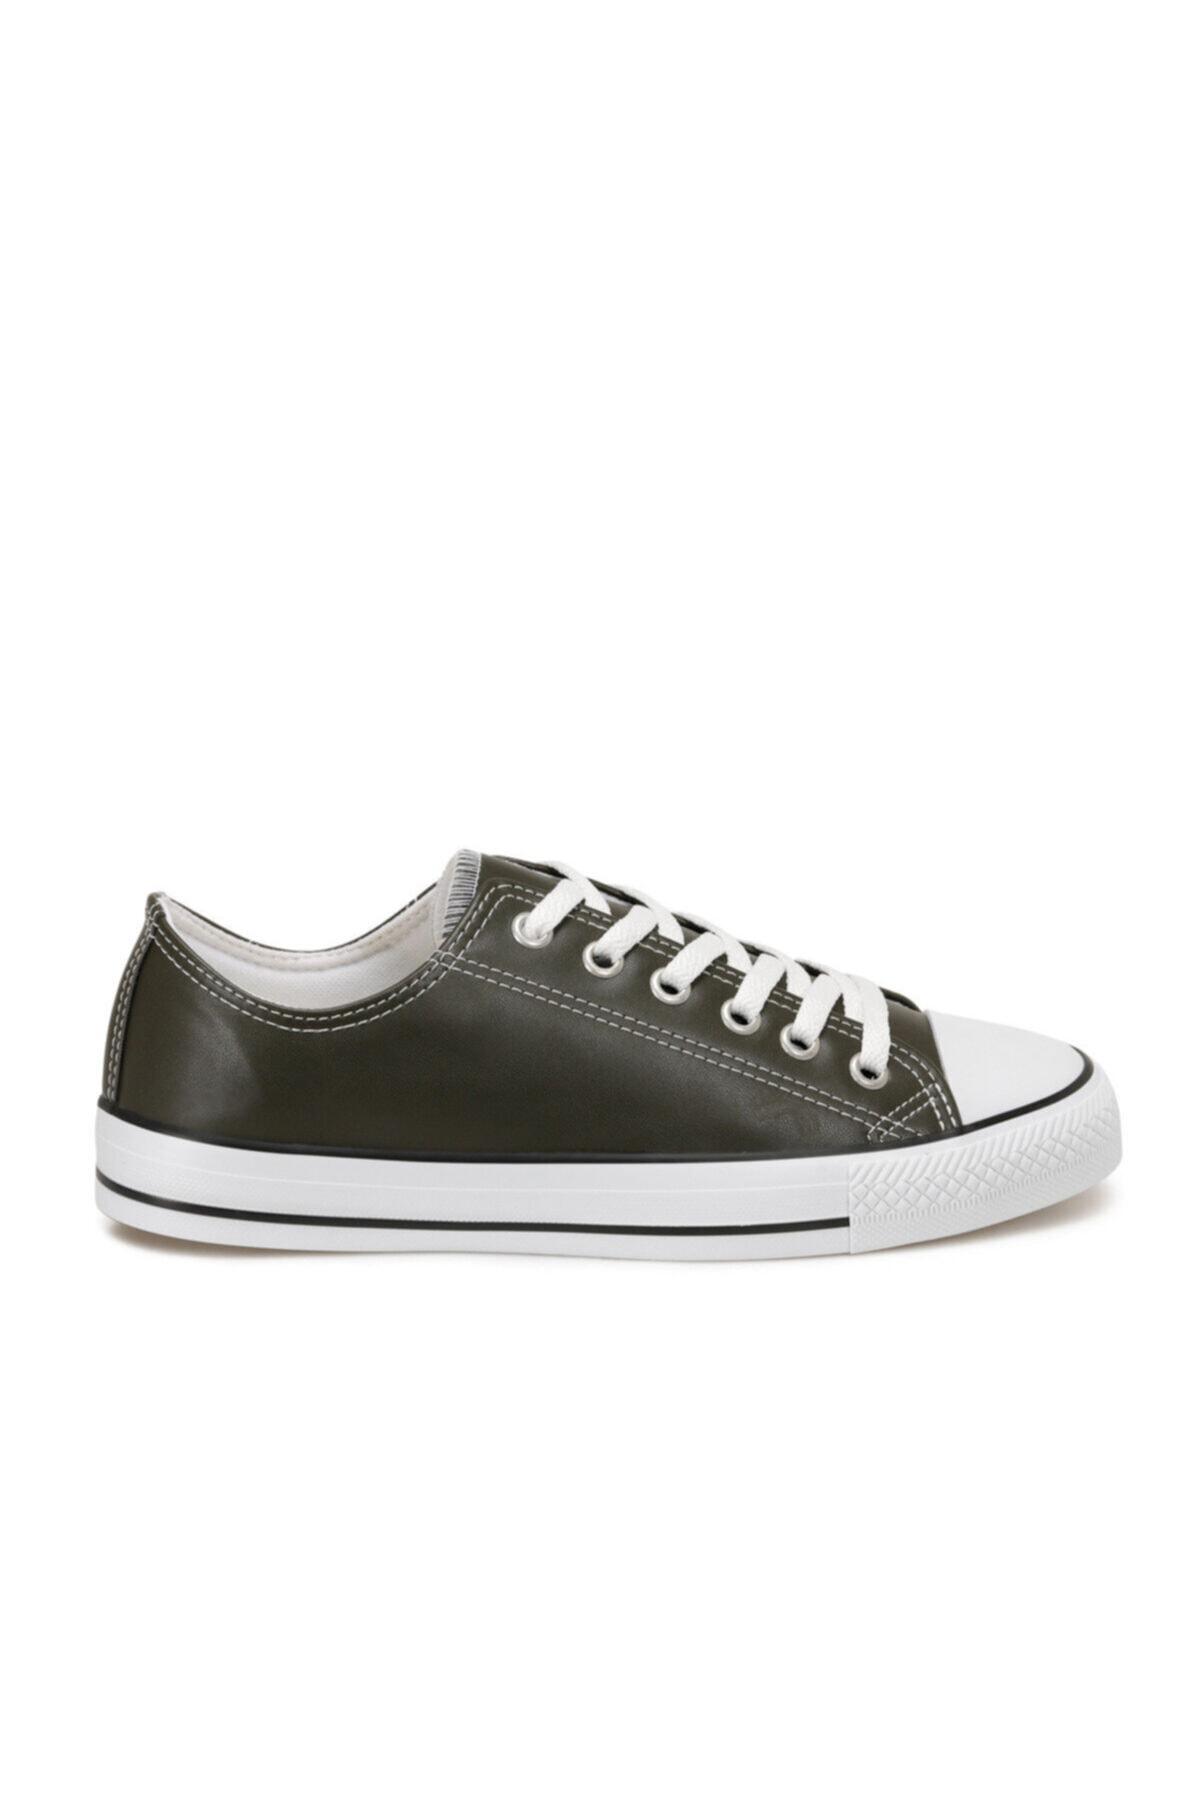 FORESTER EC-2001 Haki Erkek Kalın Tabanlı Sneaker 100669572 2